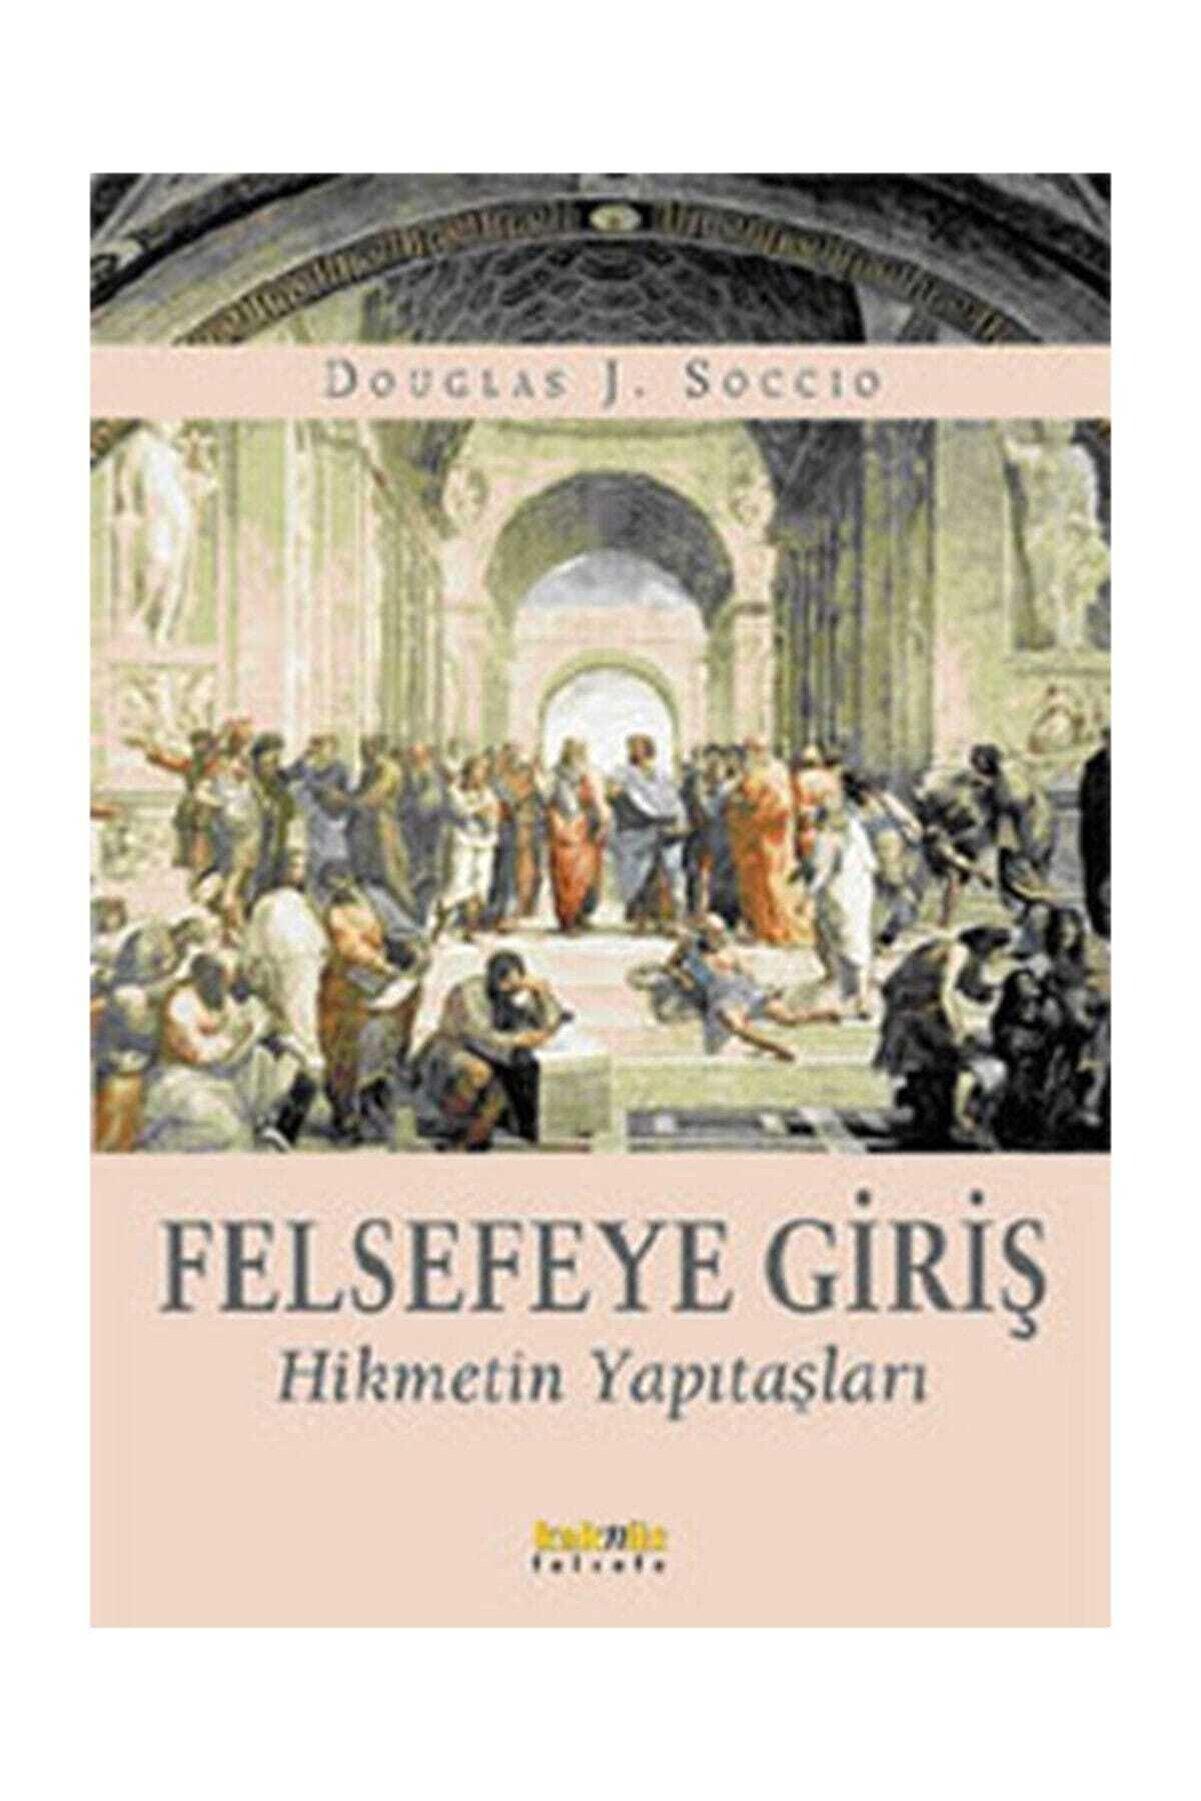 Kaknüs Yayınları - Ders Kitapları Felsefeye Giriş Hikmetin Yapıtaşları - Douglas J. Soccio